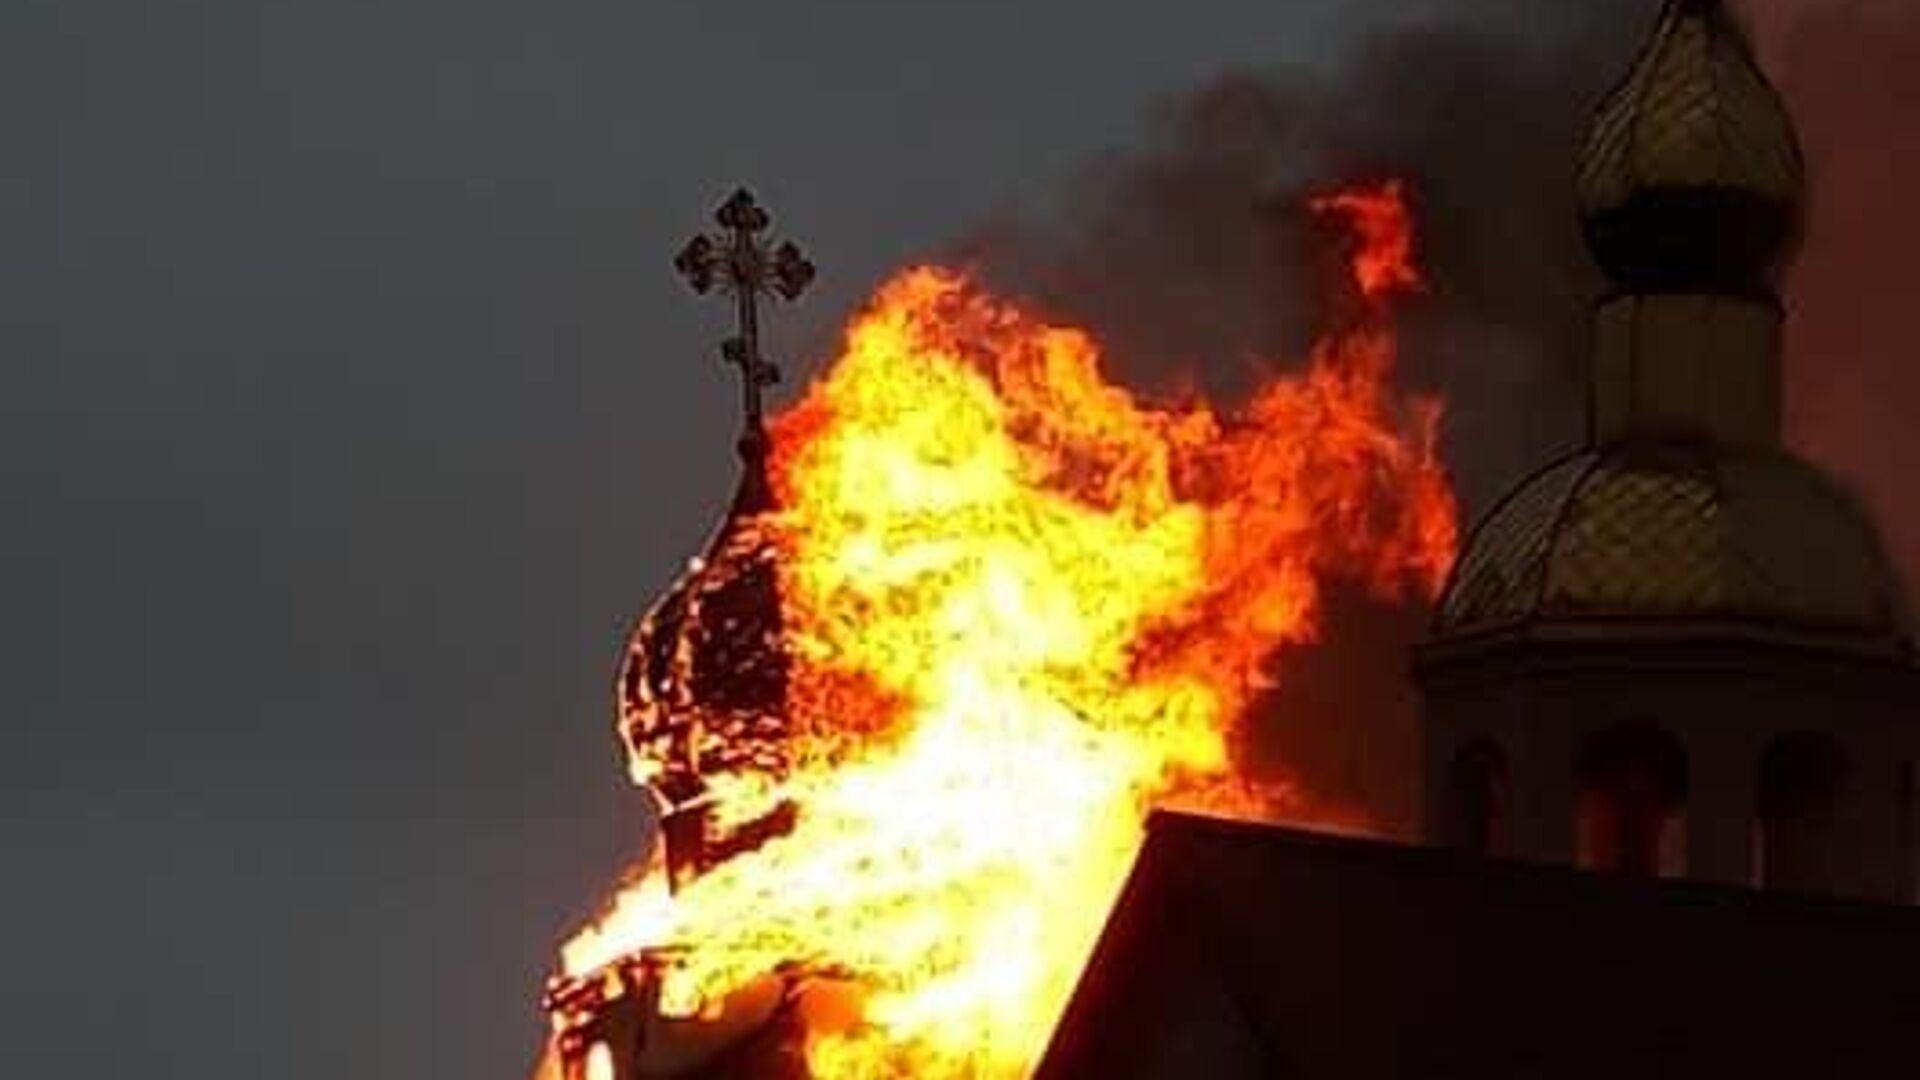 Пожар в Свято-Николаевском храме города Люботина - РИА Новости, 1920, 16.04.2021